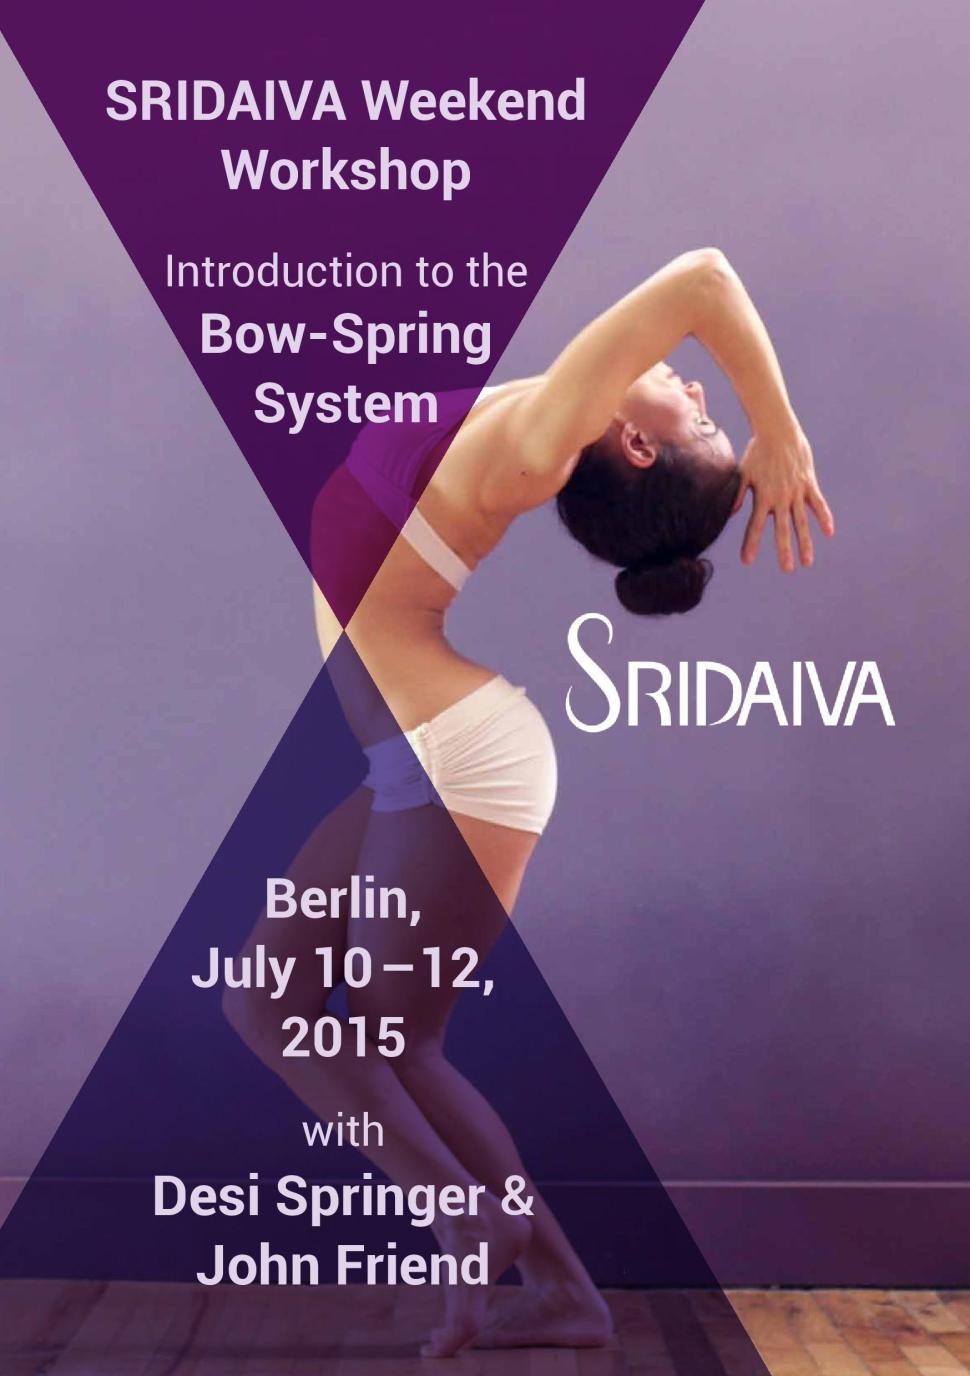 Sridaiva Berlin 2015 Flyer